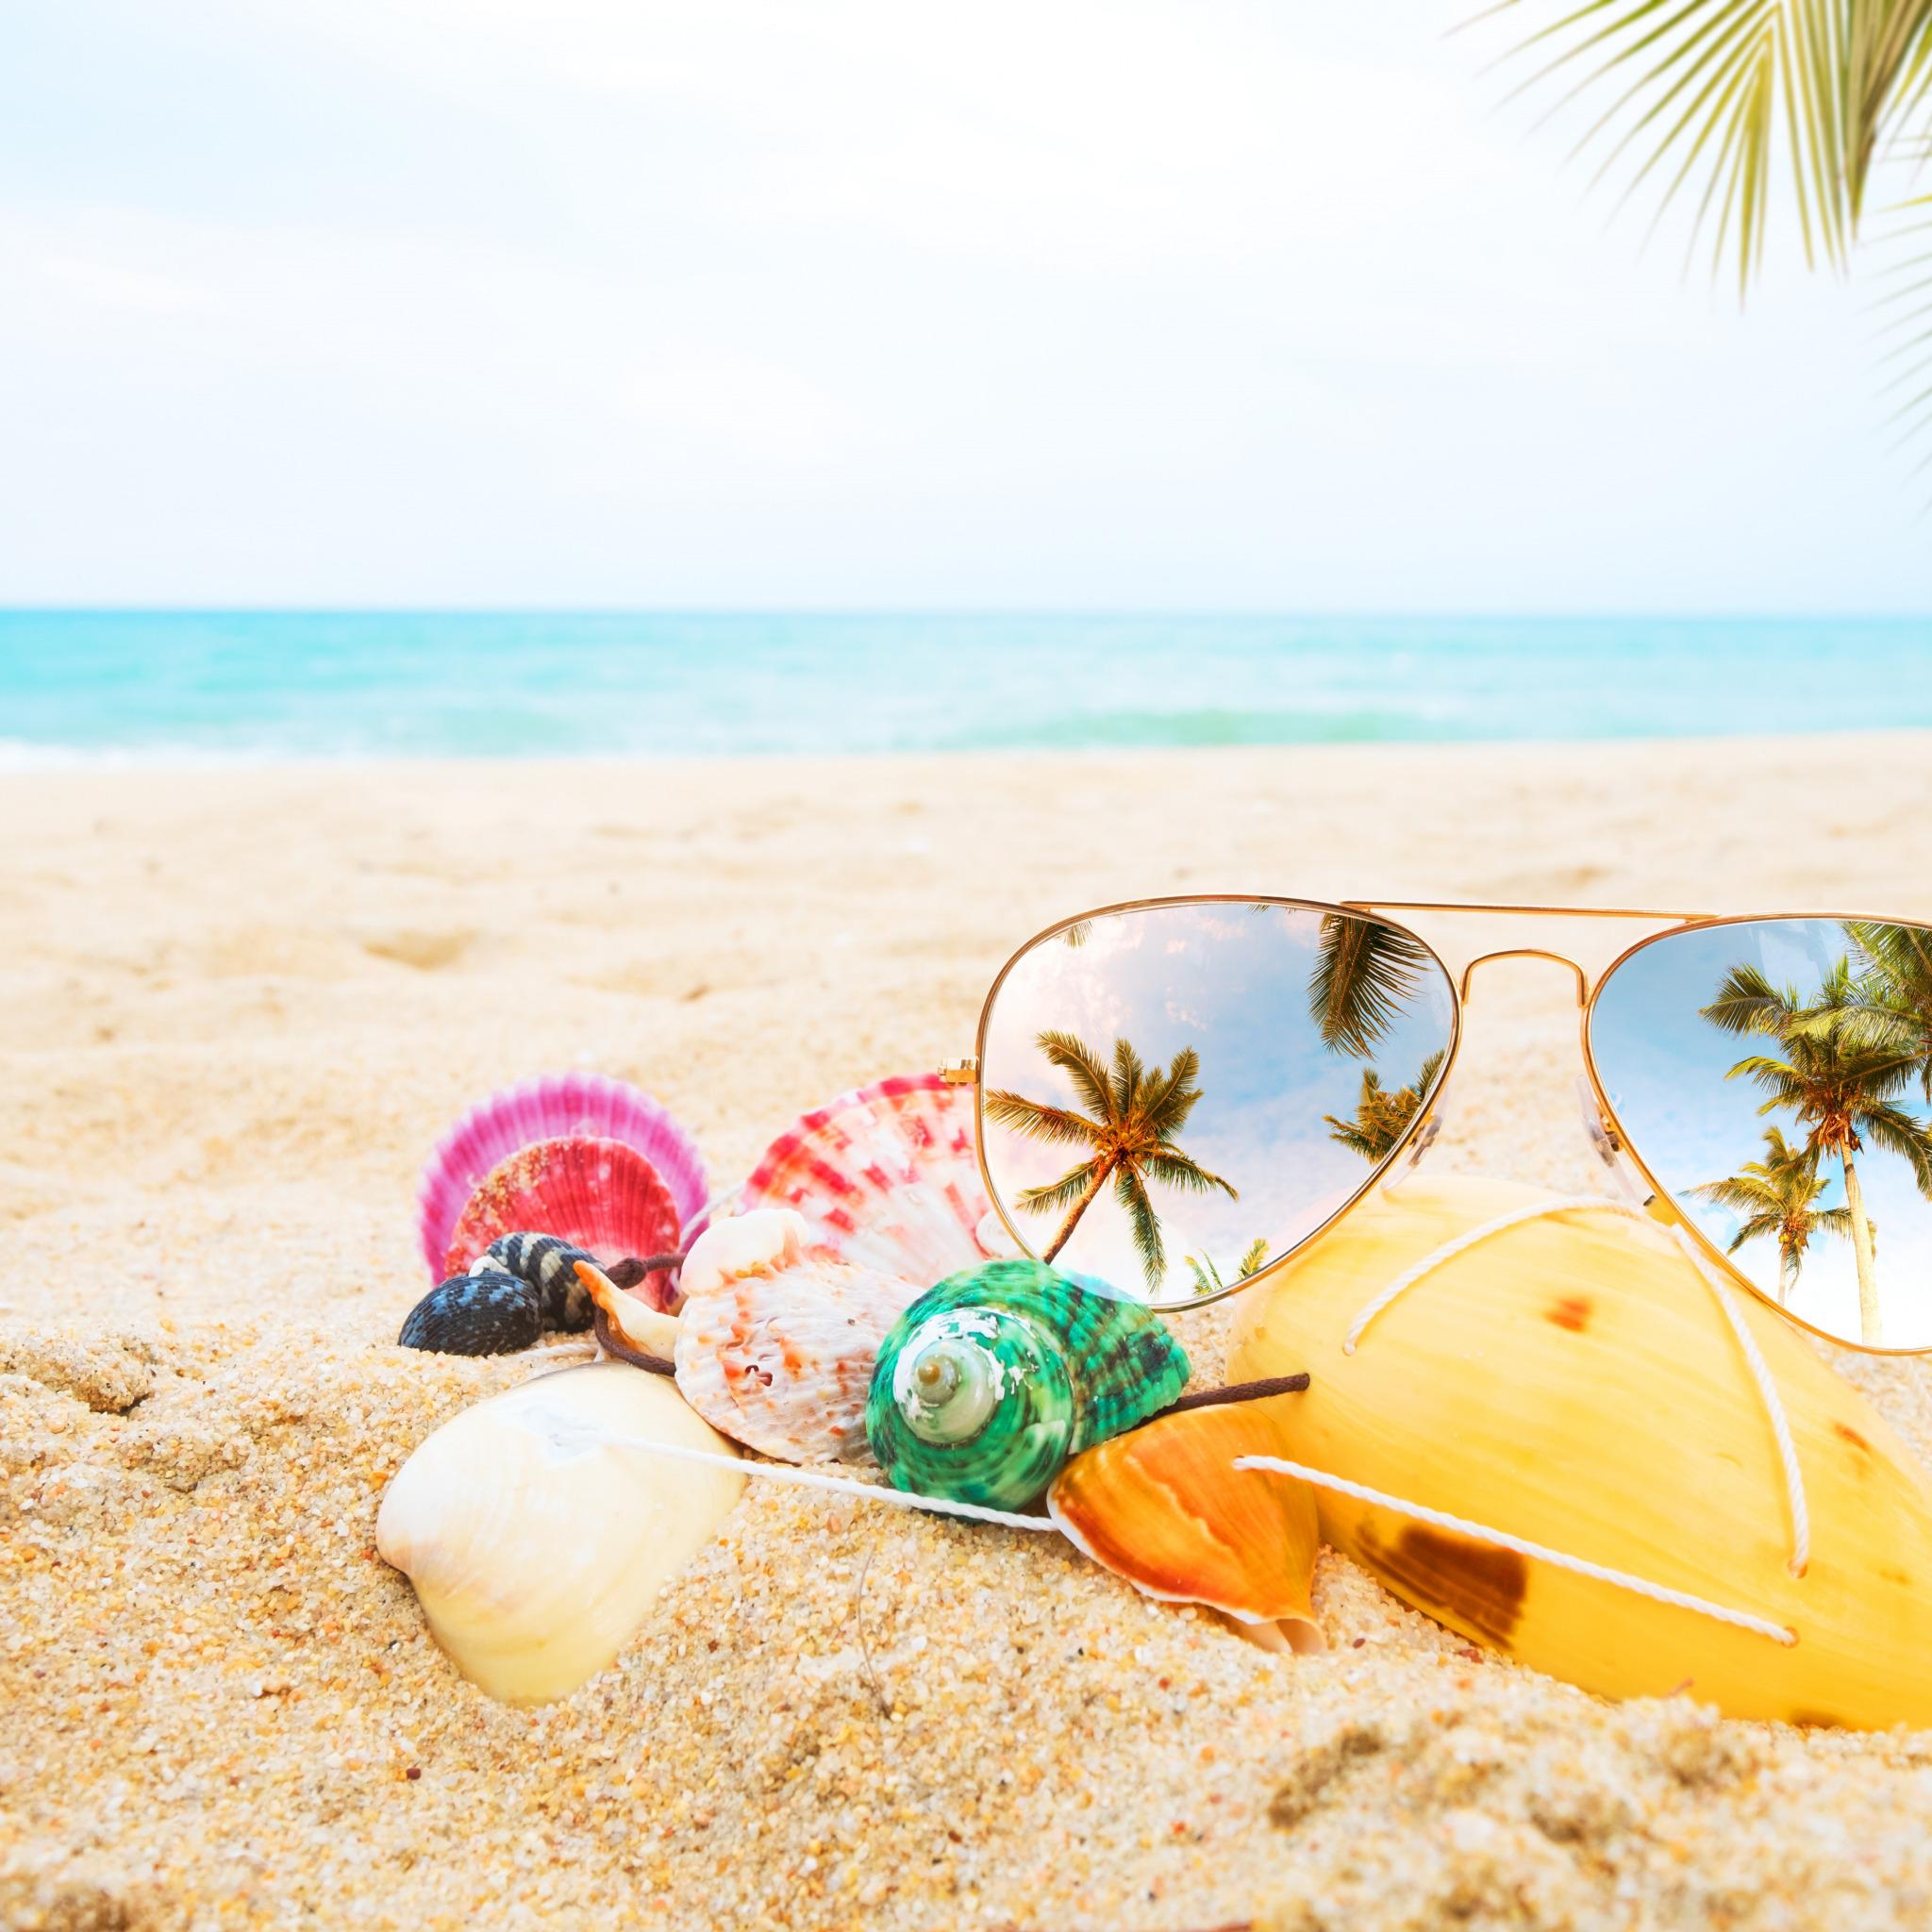 открытки море солнце пляж кипр школьные годы она